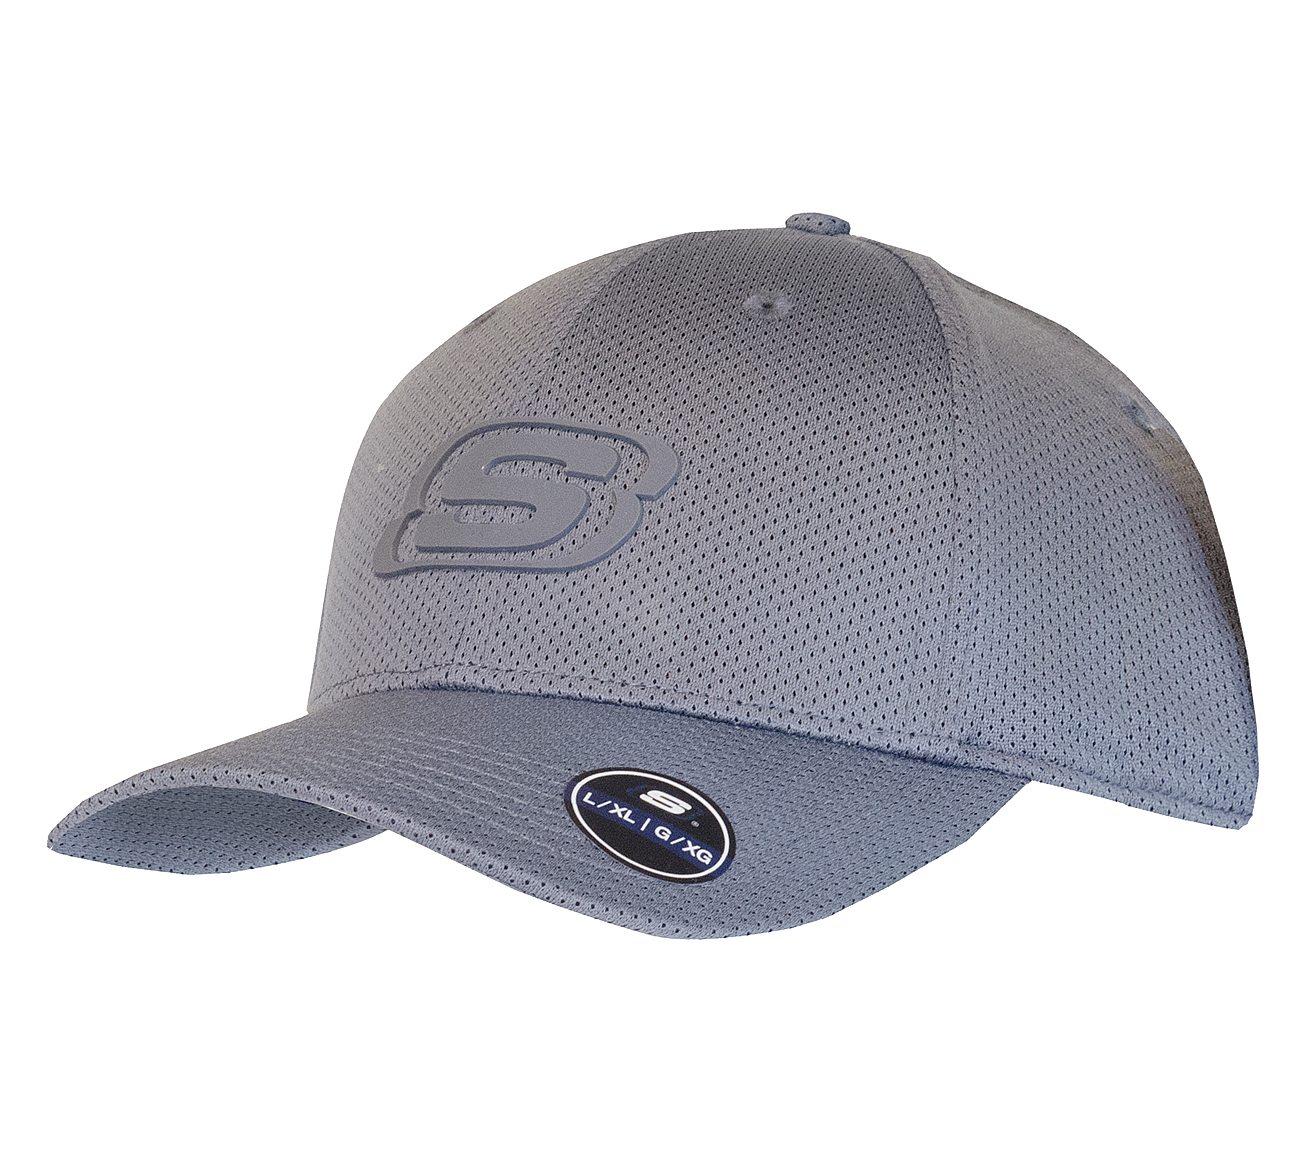 Accel Mesh Stretchfit Hat